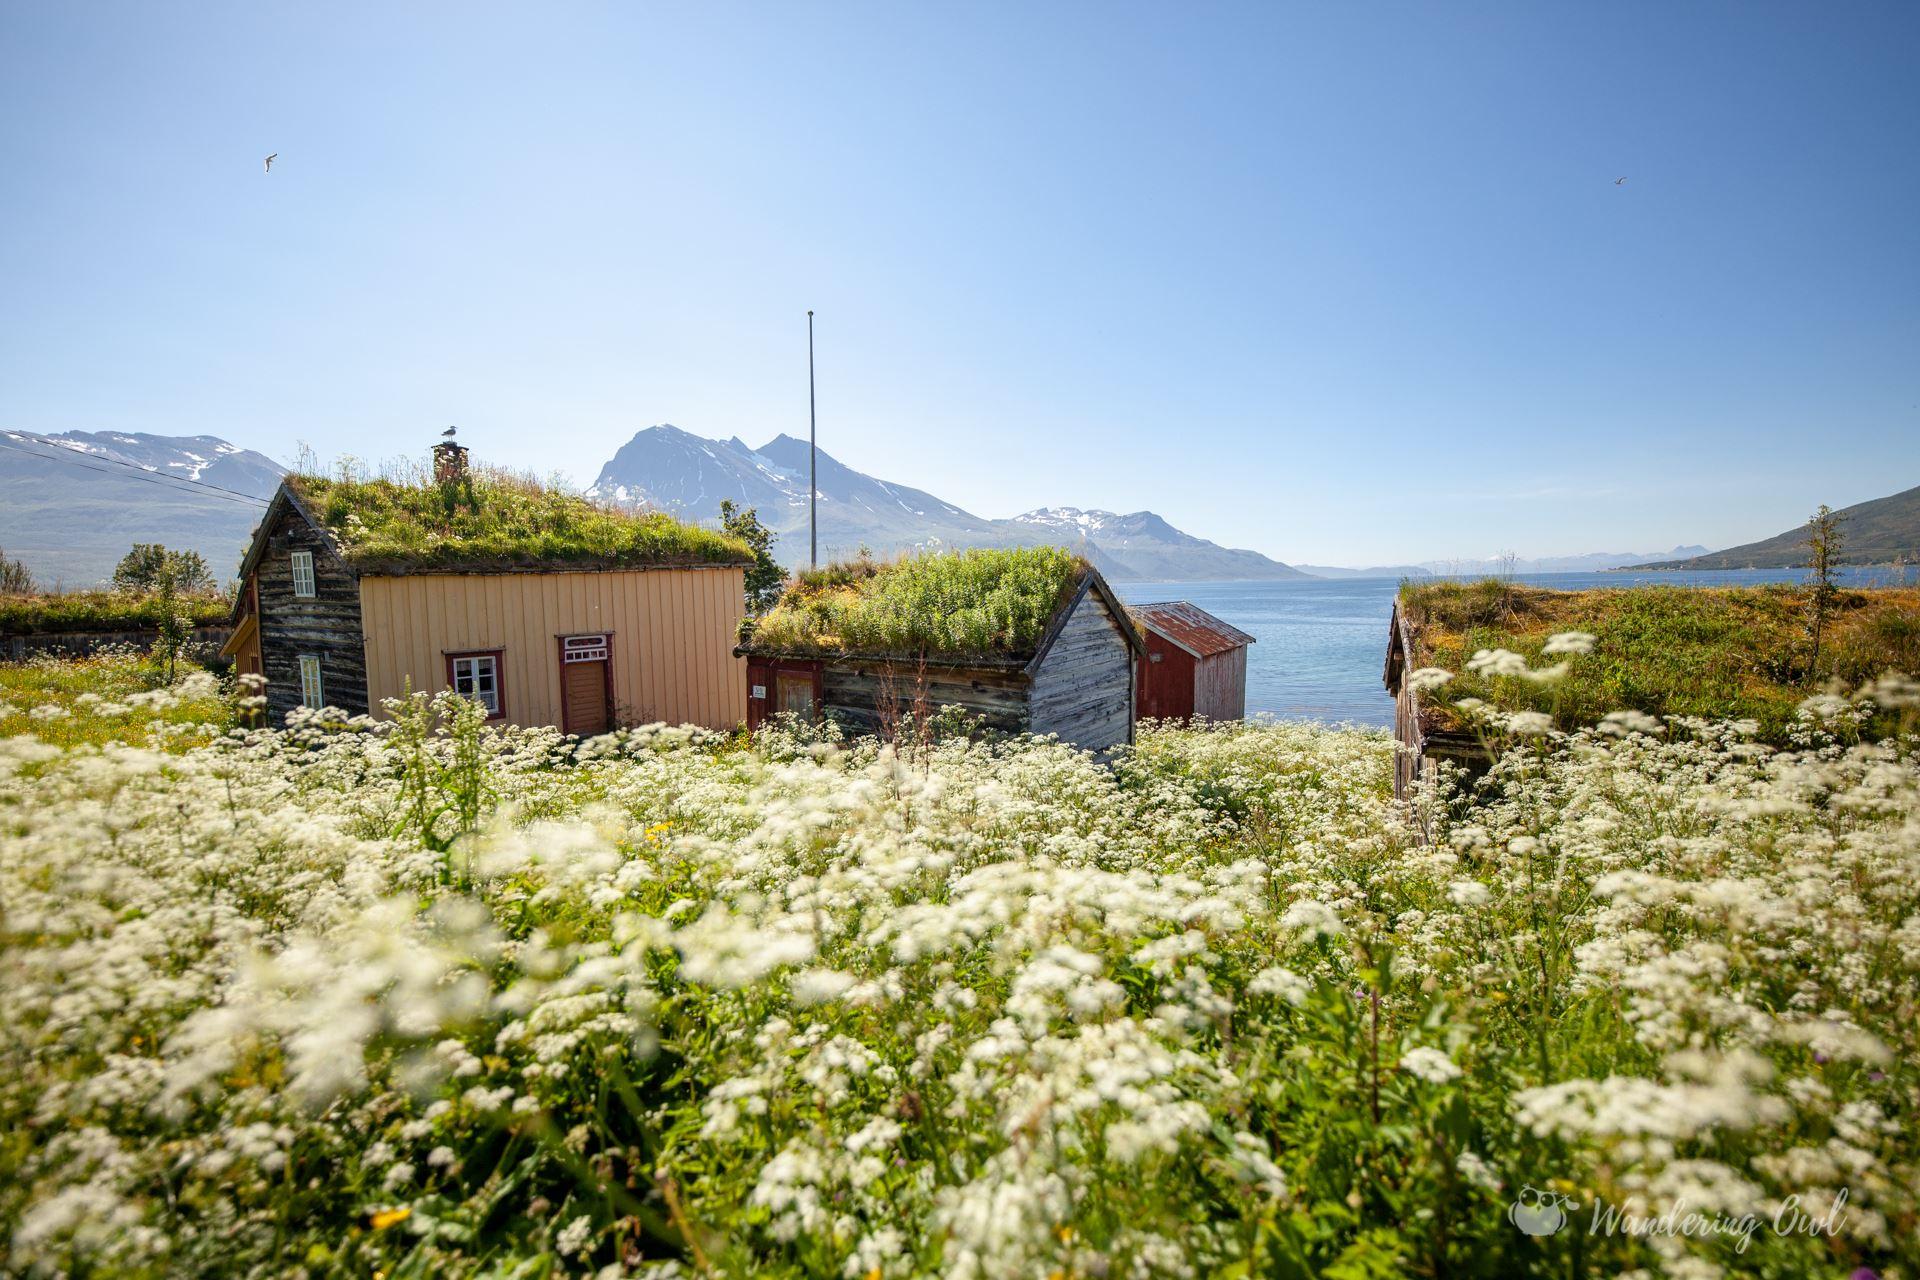 Arktiske Landskap – Sommer Arktiske Landskap – en biltur på Kvaløya – Wandering Owl